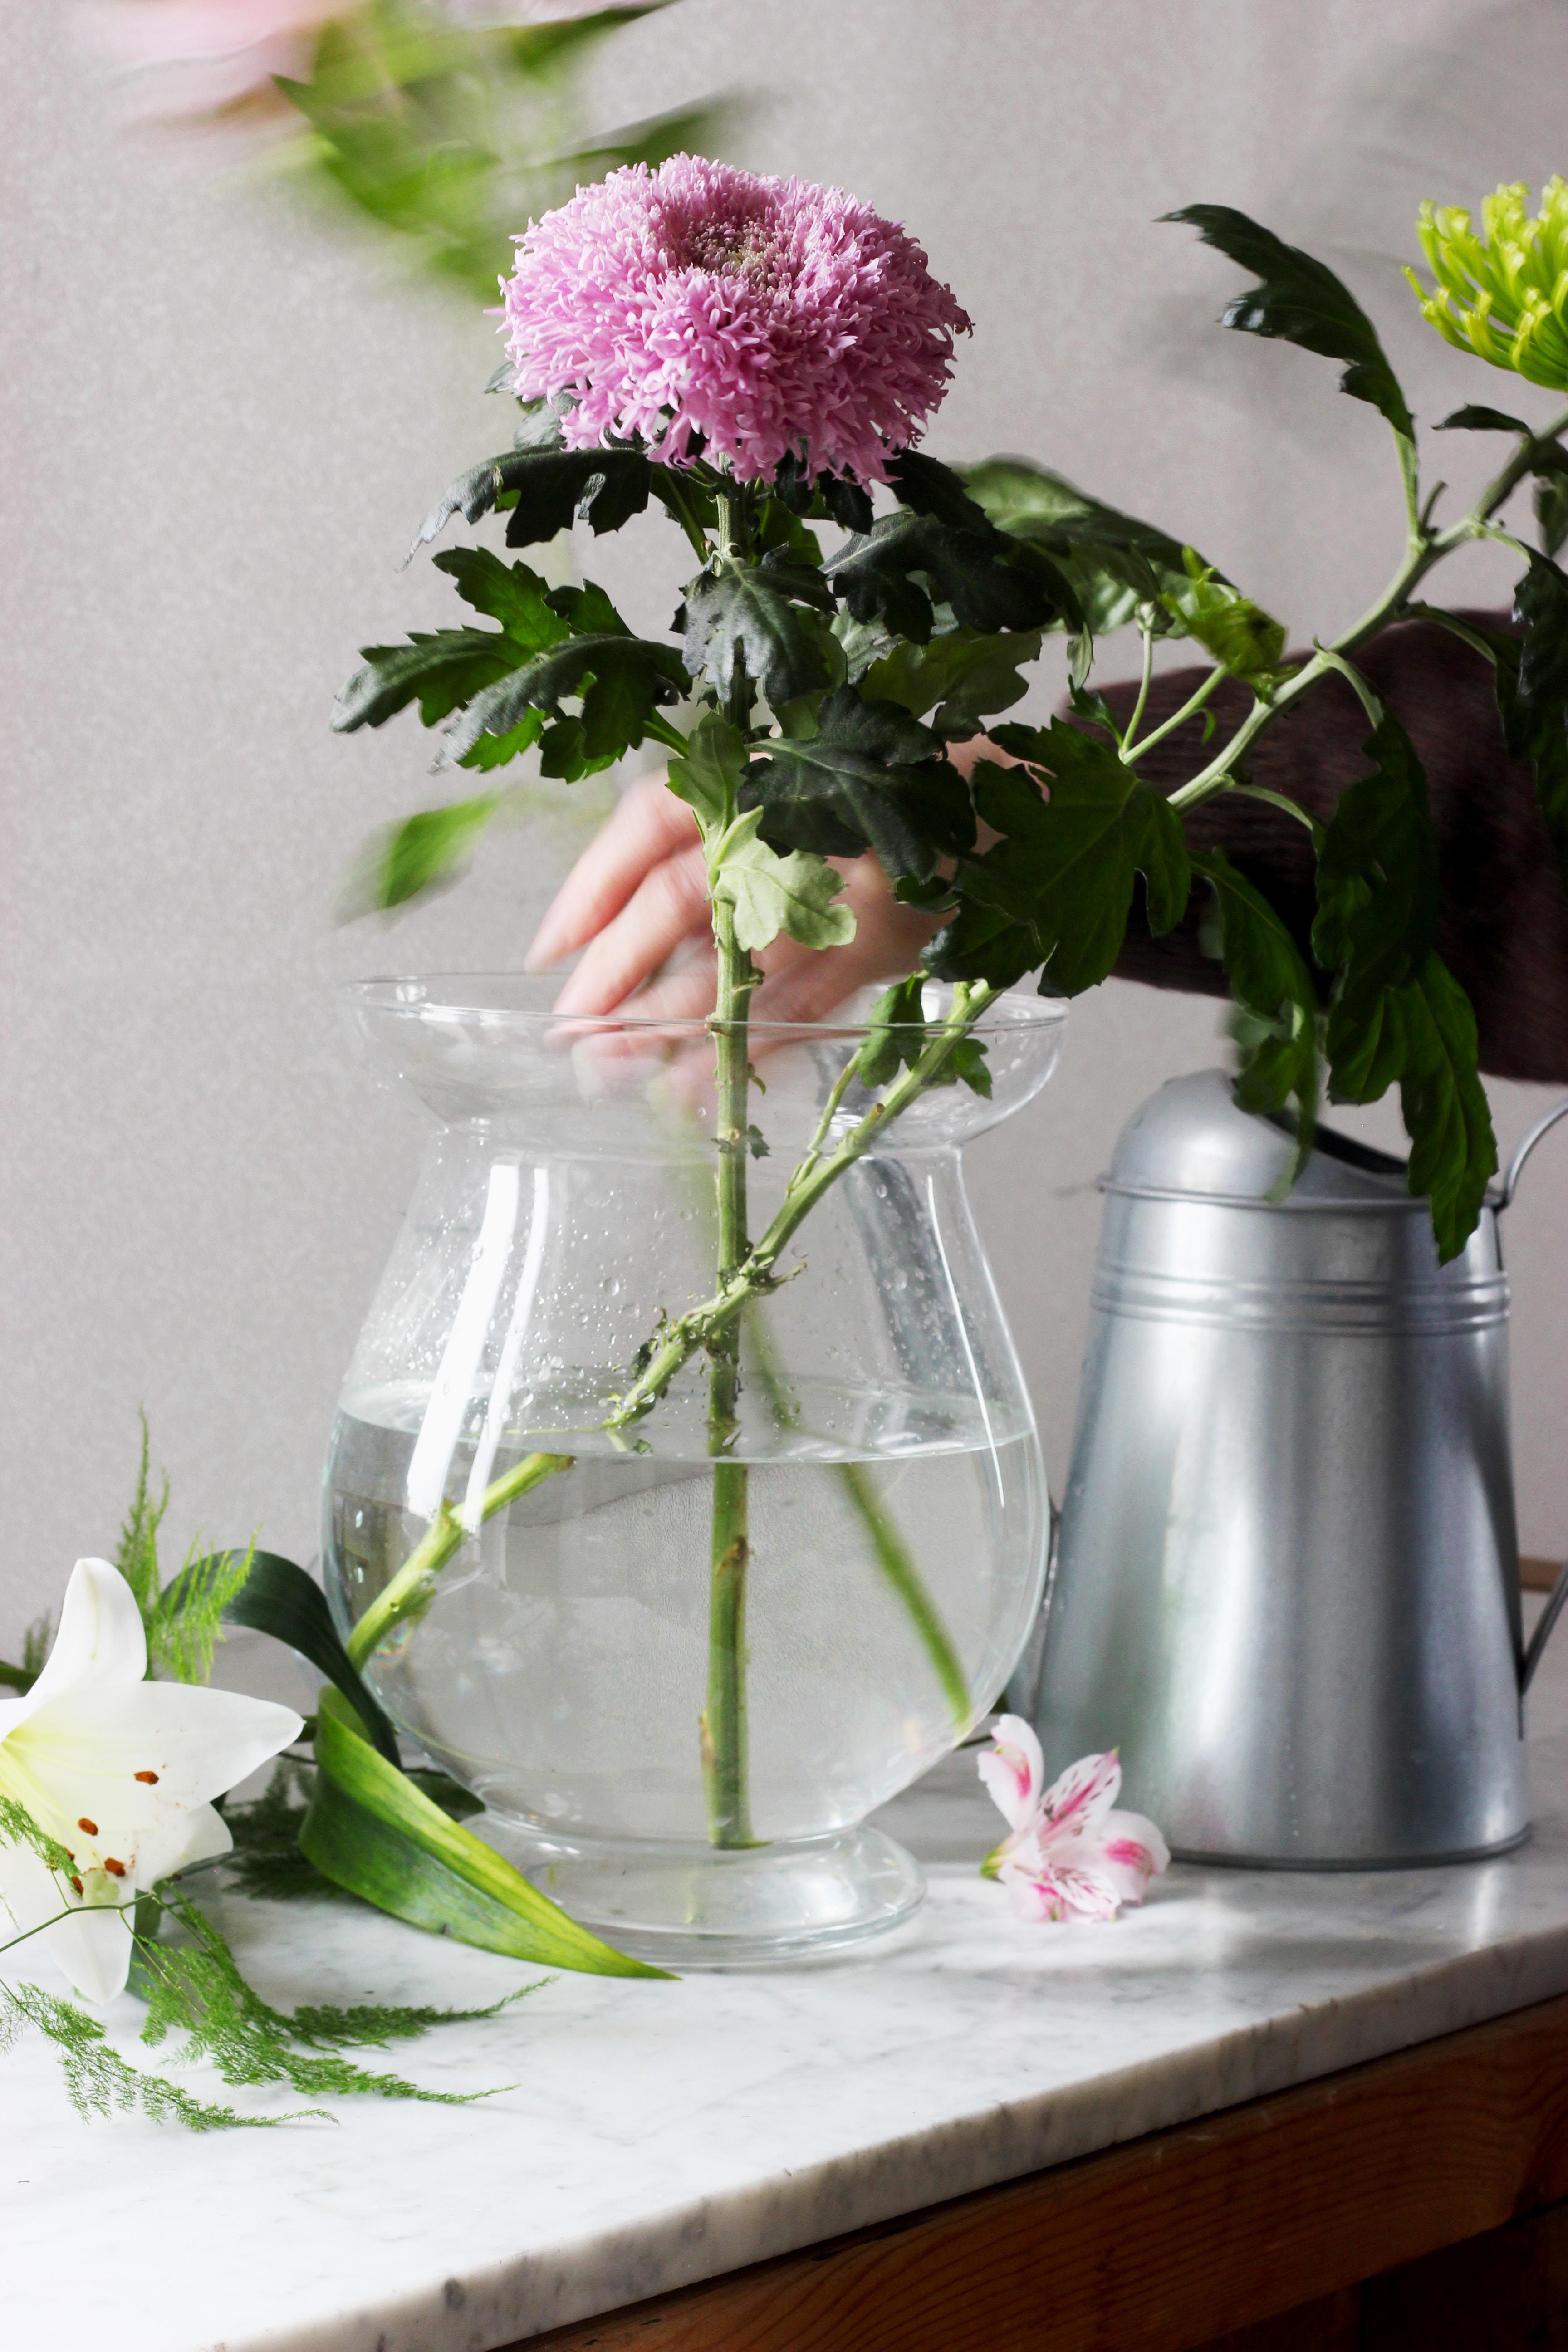 purple carnation flower on glass flower vase